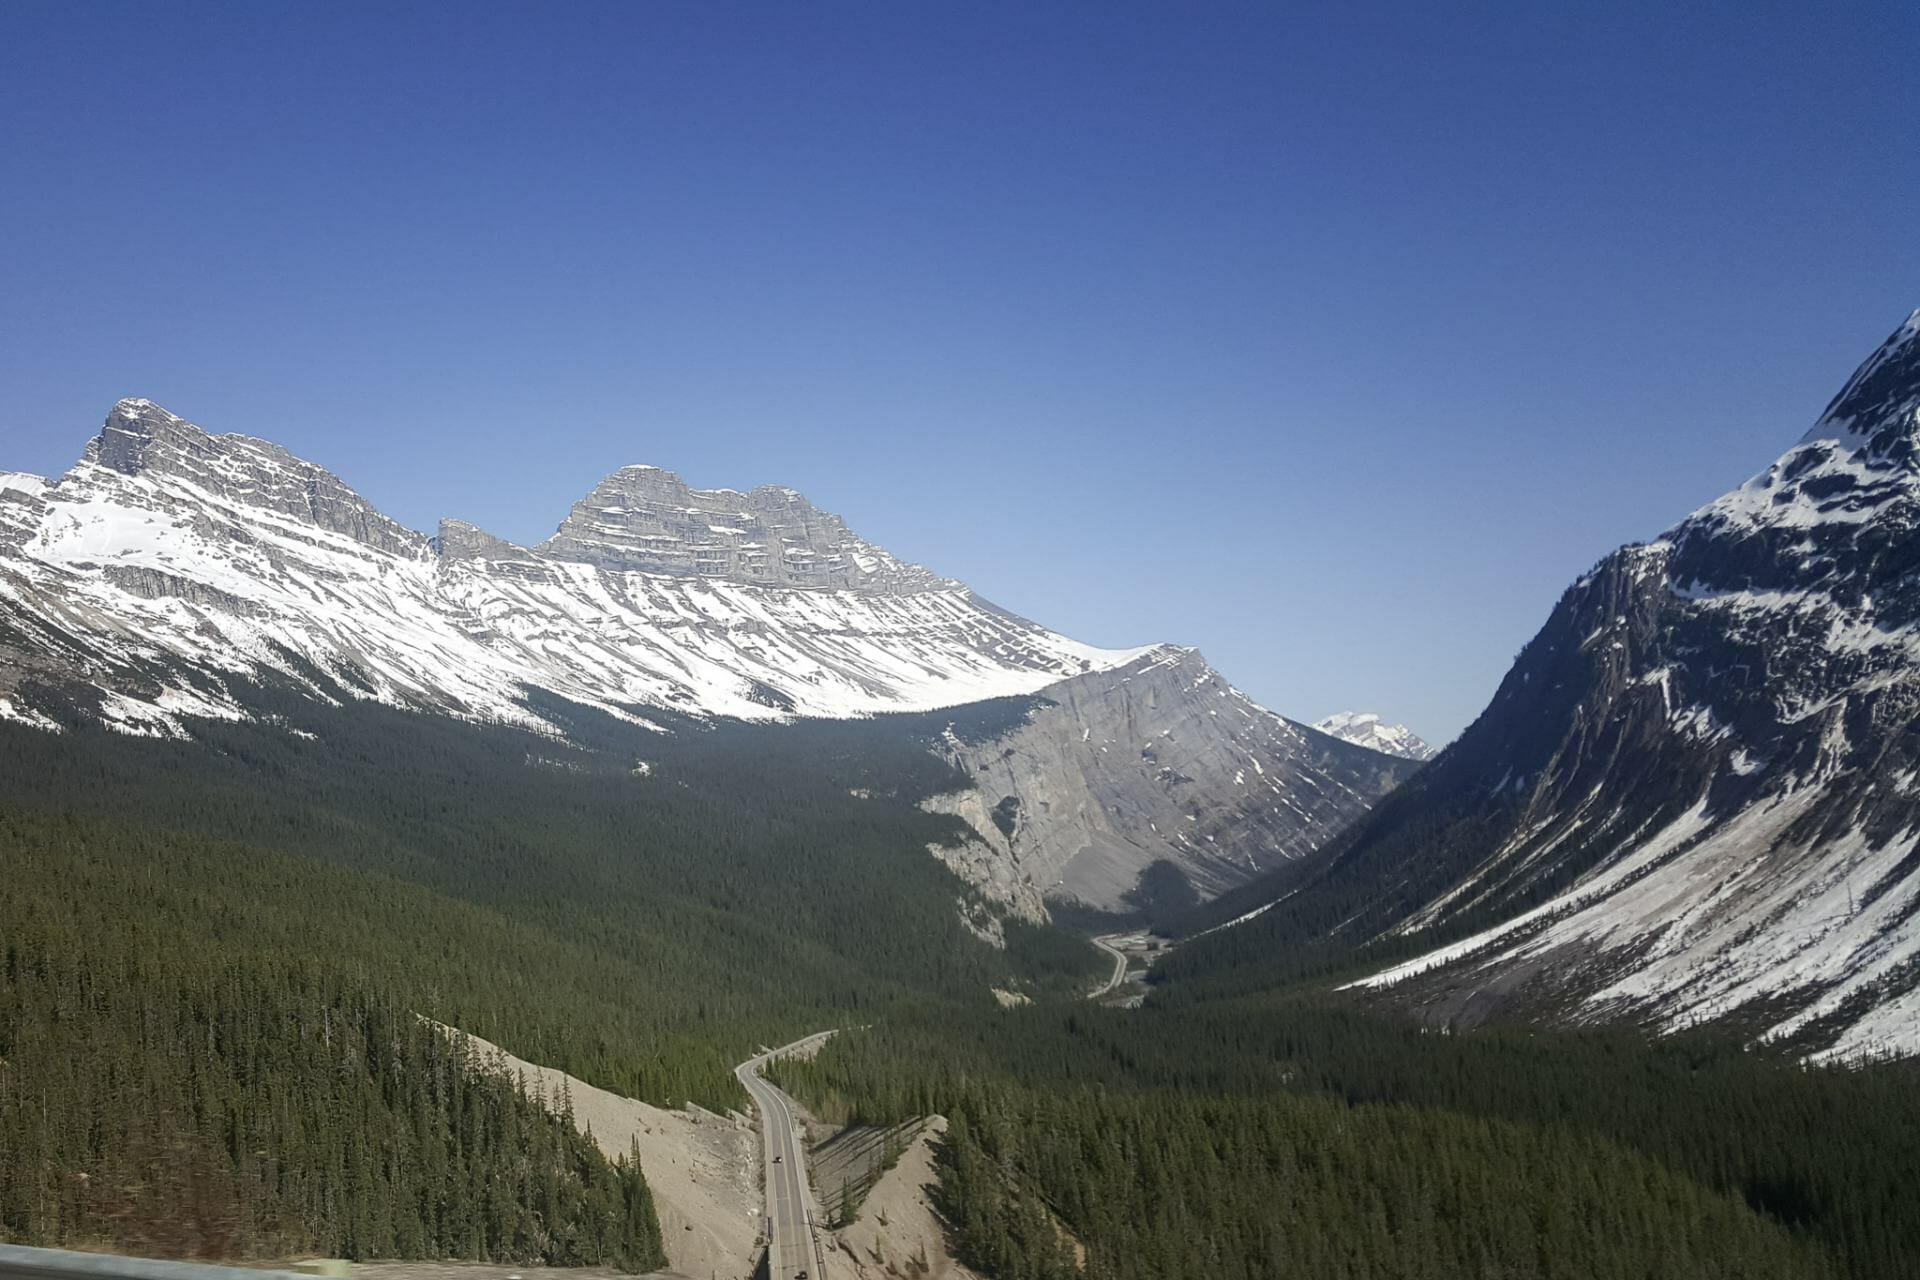 Cirrus Mountain Viewpoint